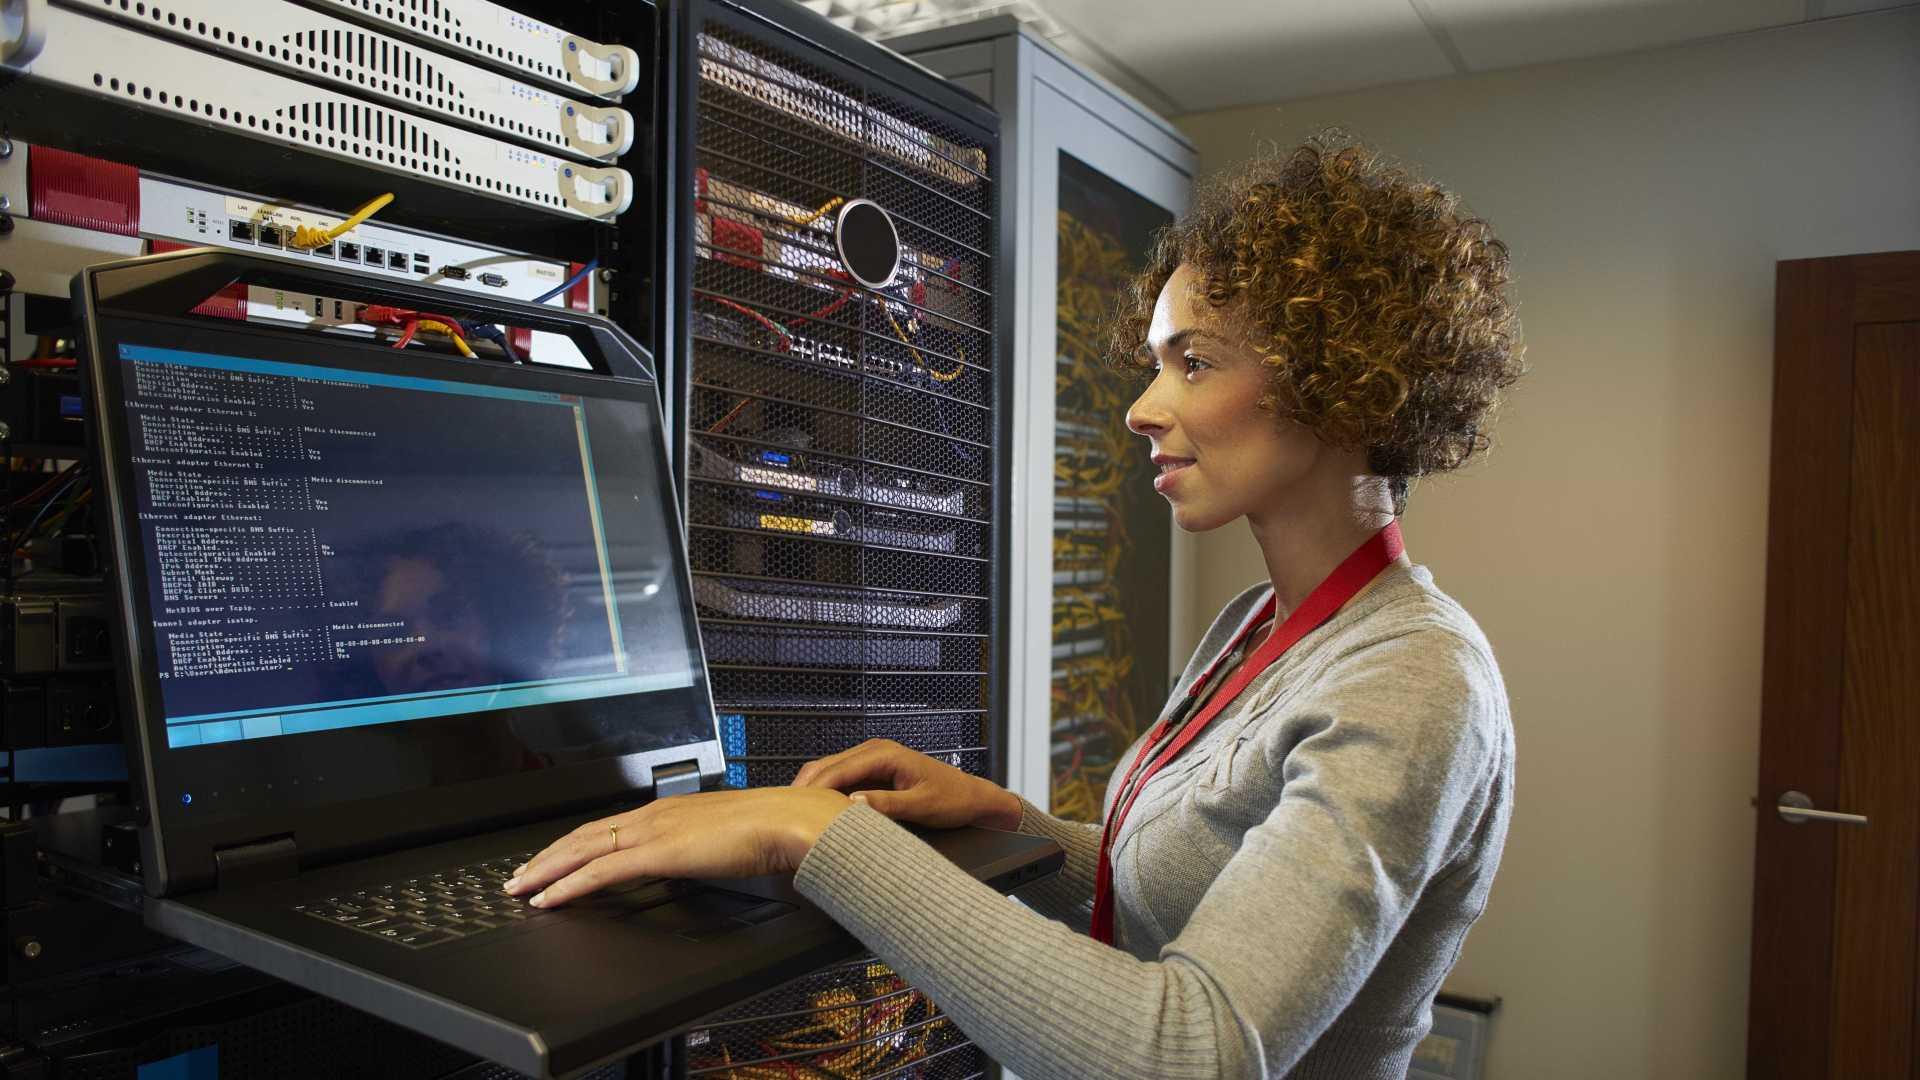 Evento do Google reune mulheres interessadas em informática na capital potiguar